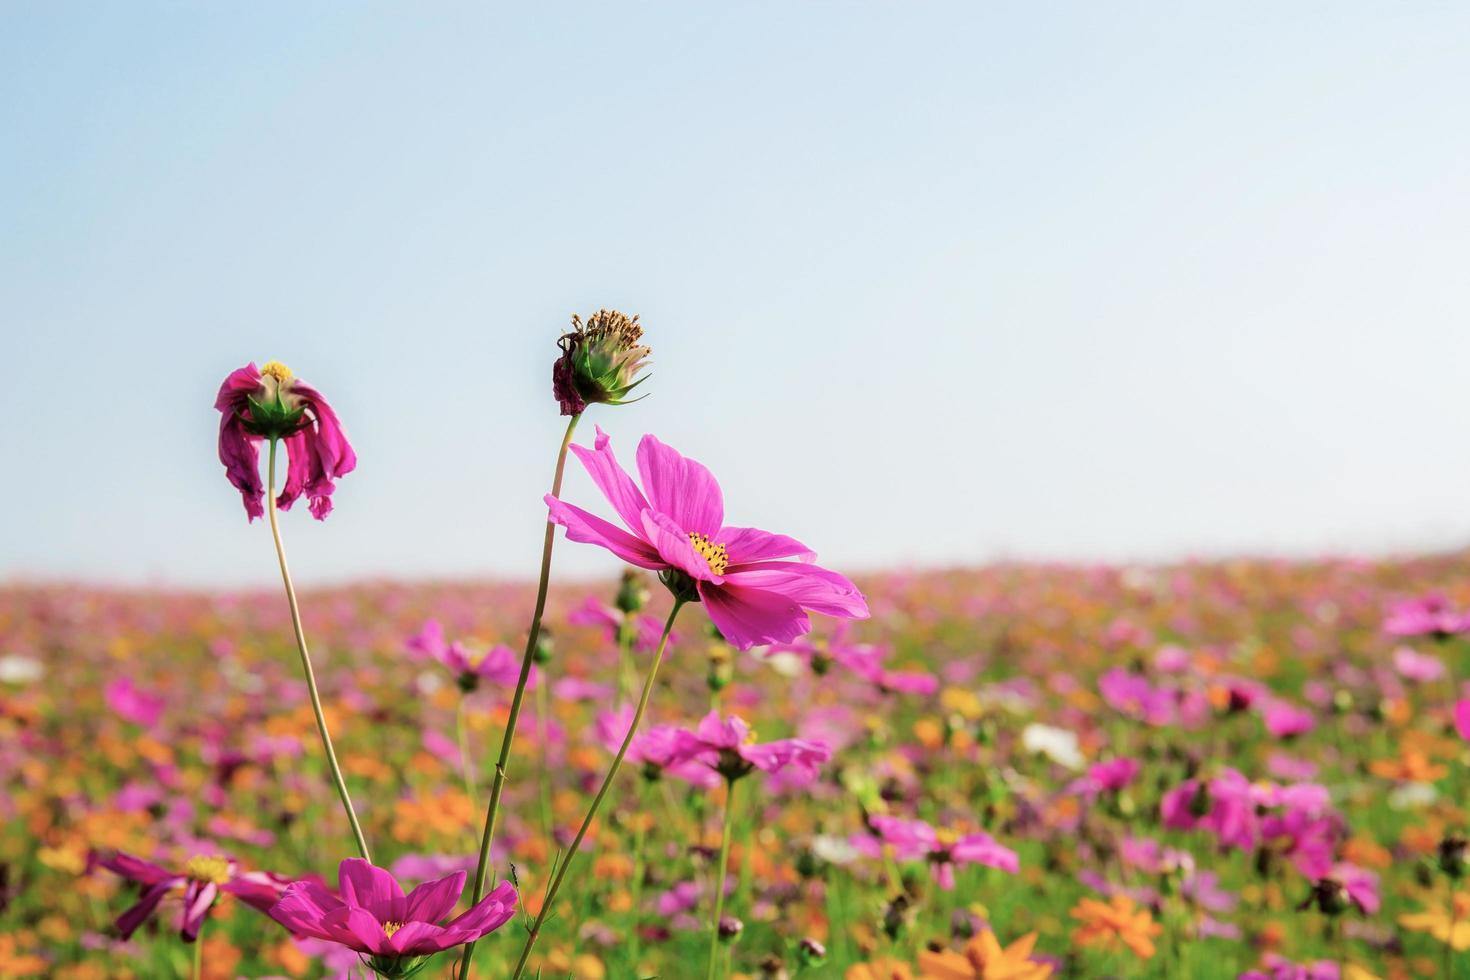 rosa kosmosblomma i fält foto